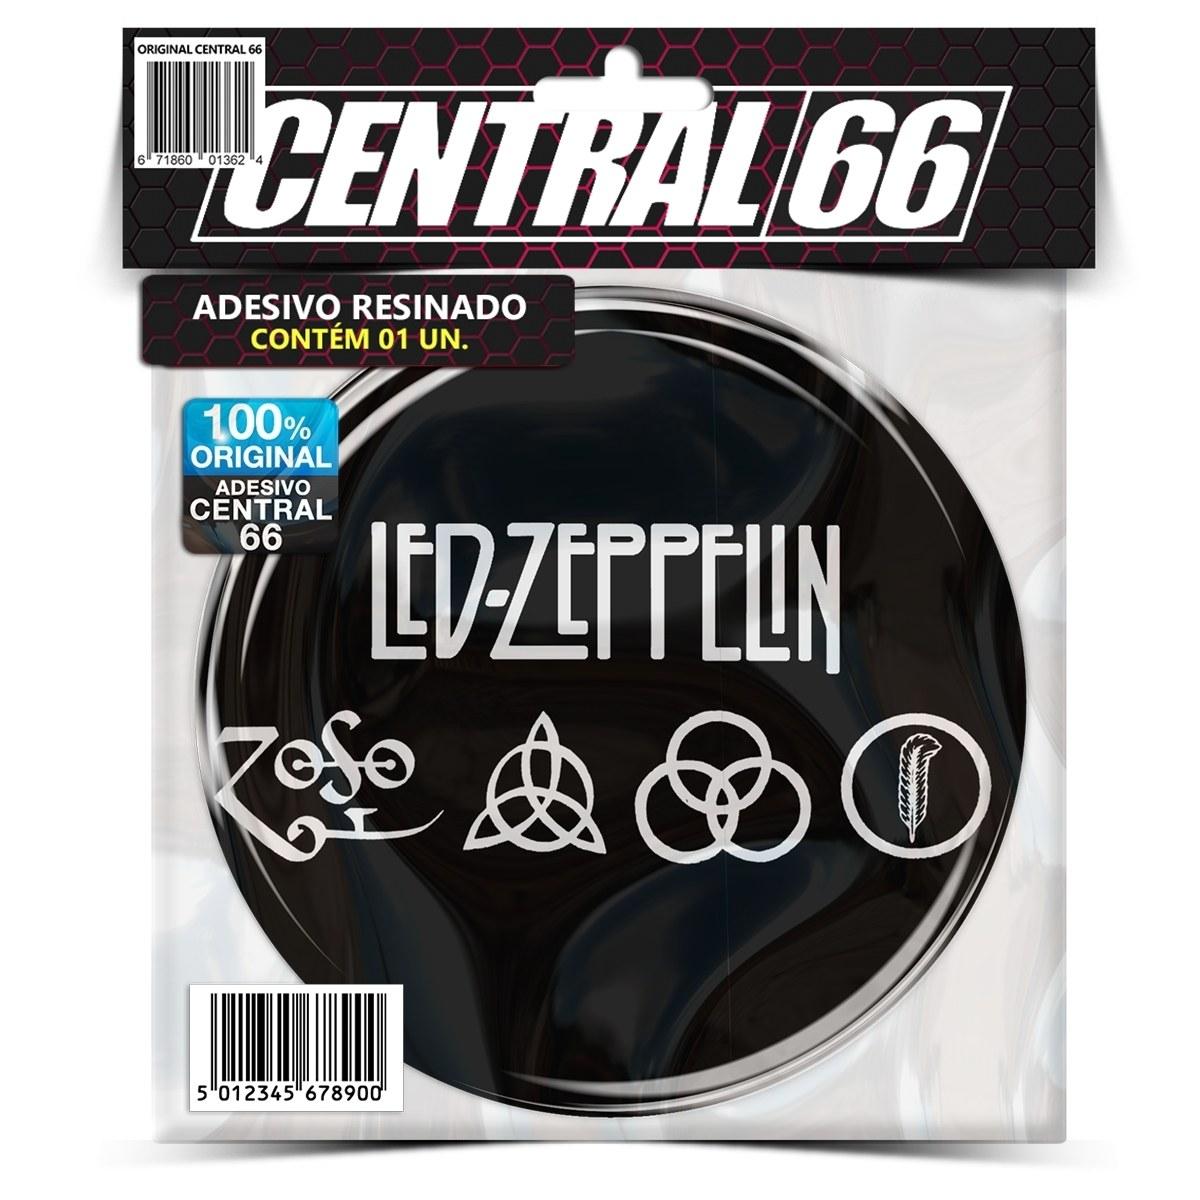 Adesivo Redondo Led Zeppelin – Central 66